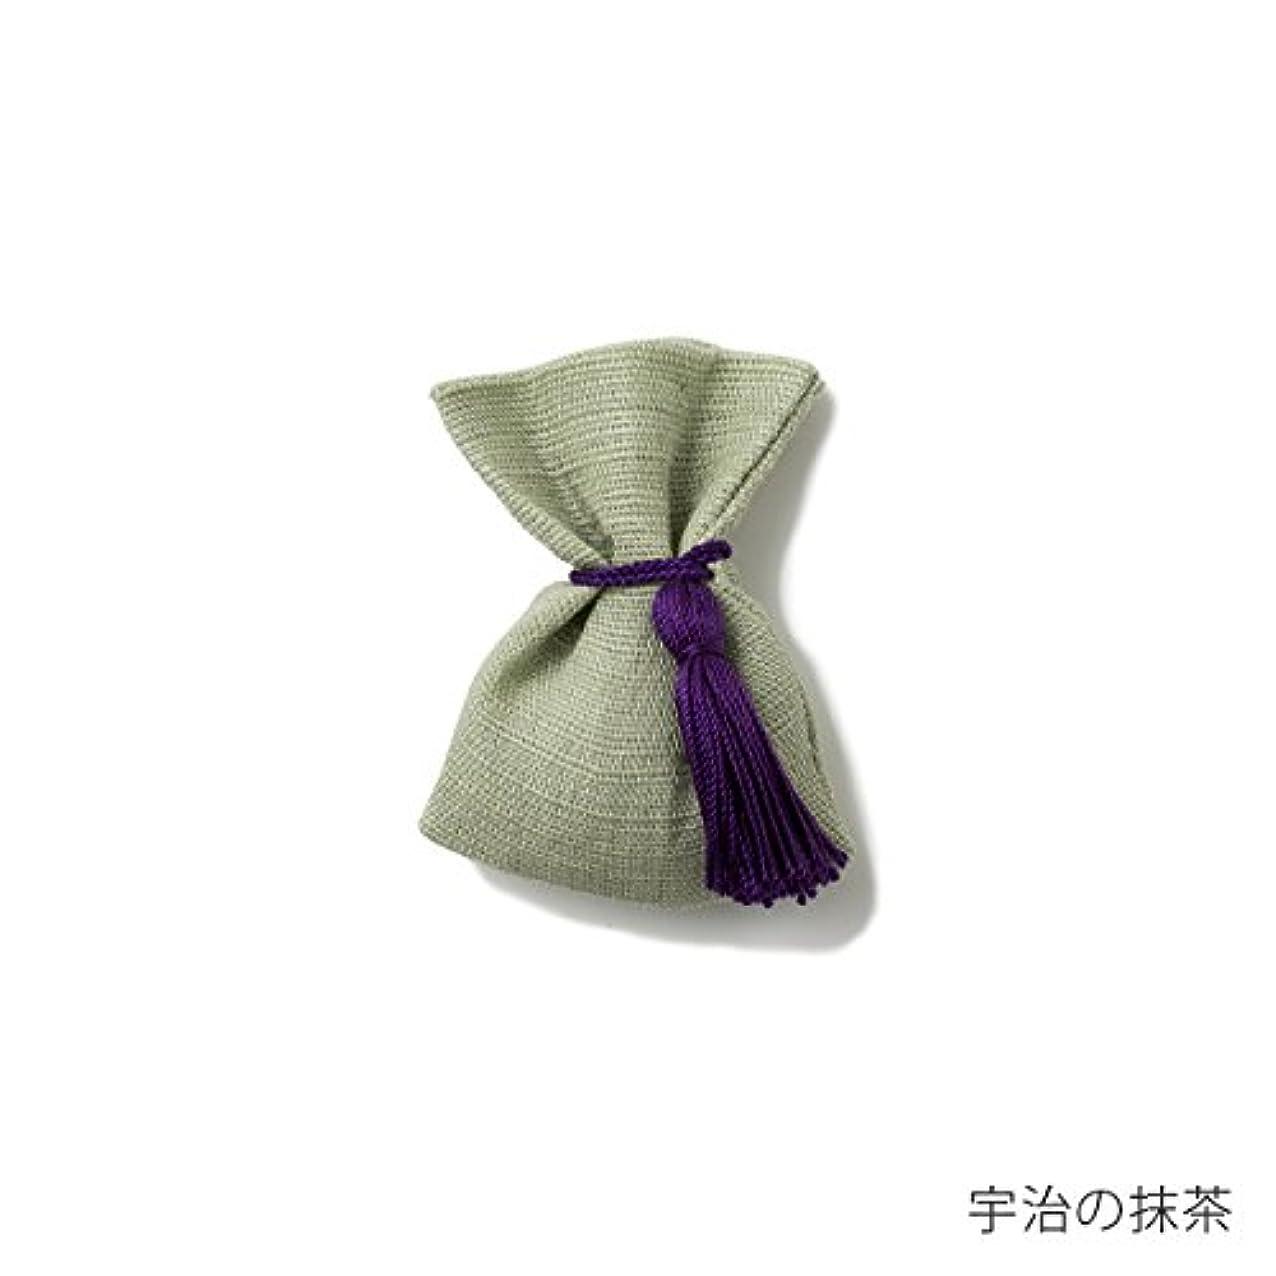 妖精耕すわがまま【薫玉堂】 京の香り 香袋 宇治の抹茶